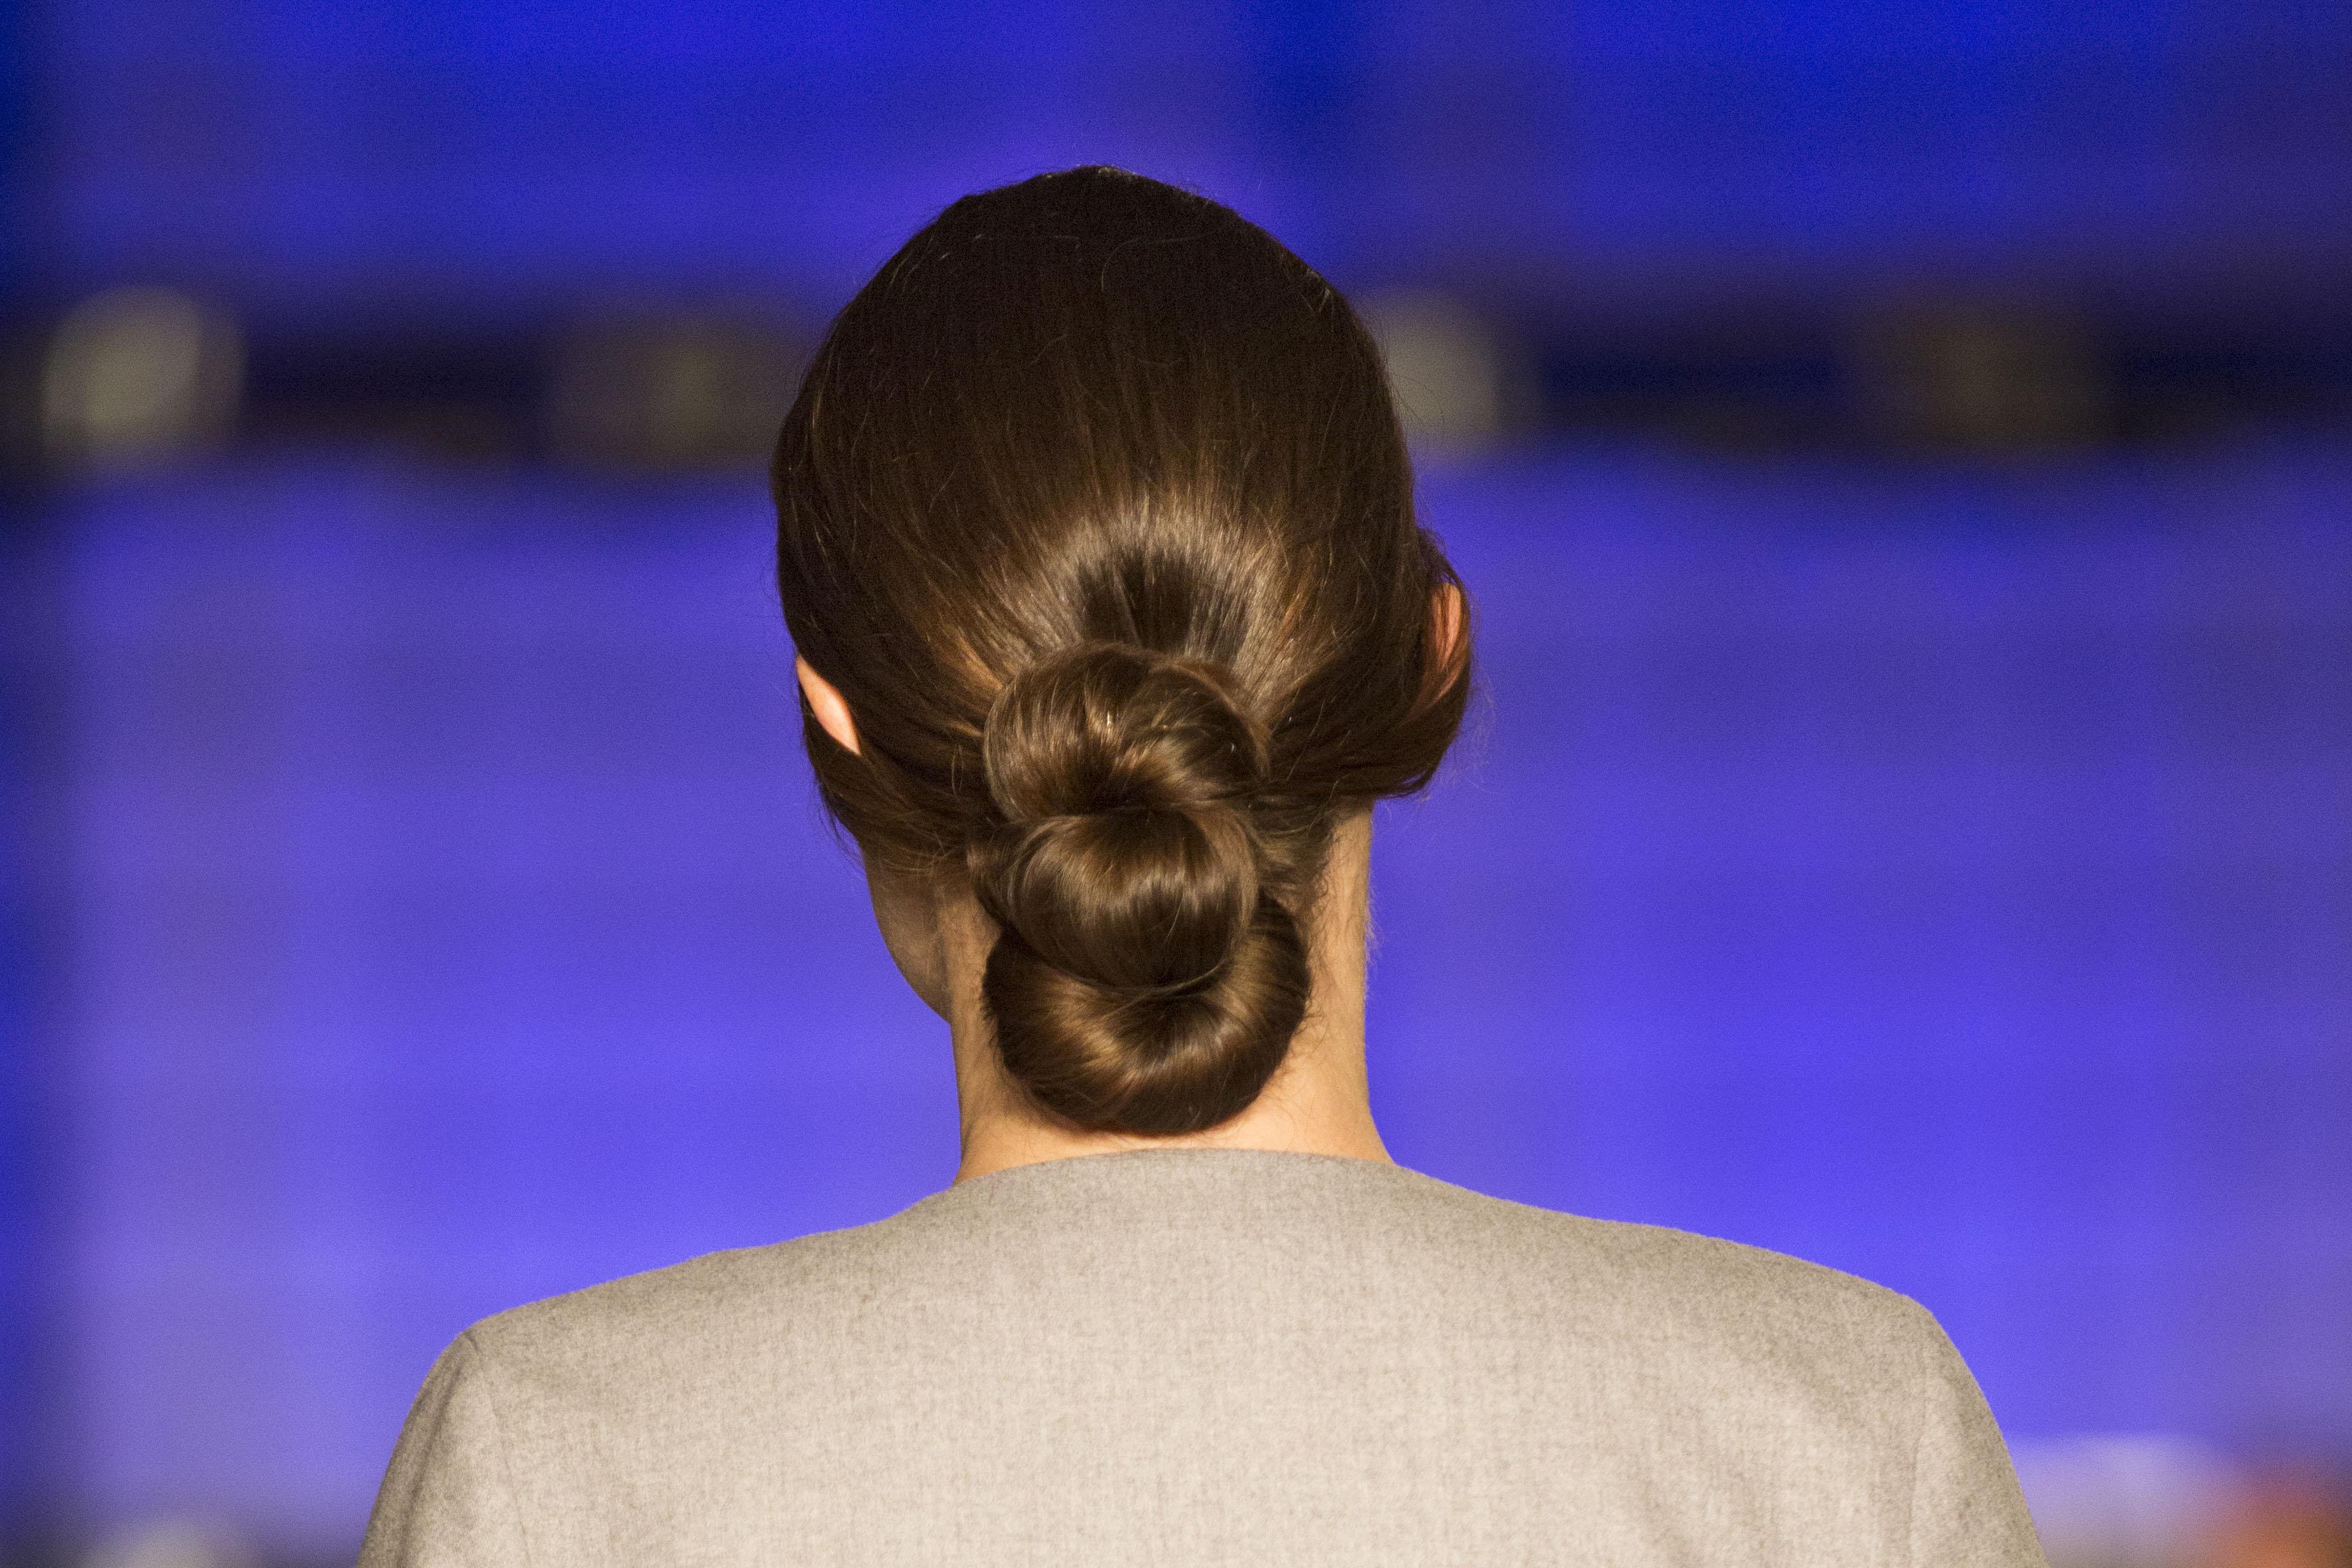 Wella Professionals als Haarpartner für Isabell de Hillerin beim DER BERLINER MODE SALON auf der Berlin Fashion Week am 19.1.2016. Foto: Gero Breloer für WELLA